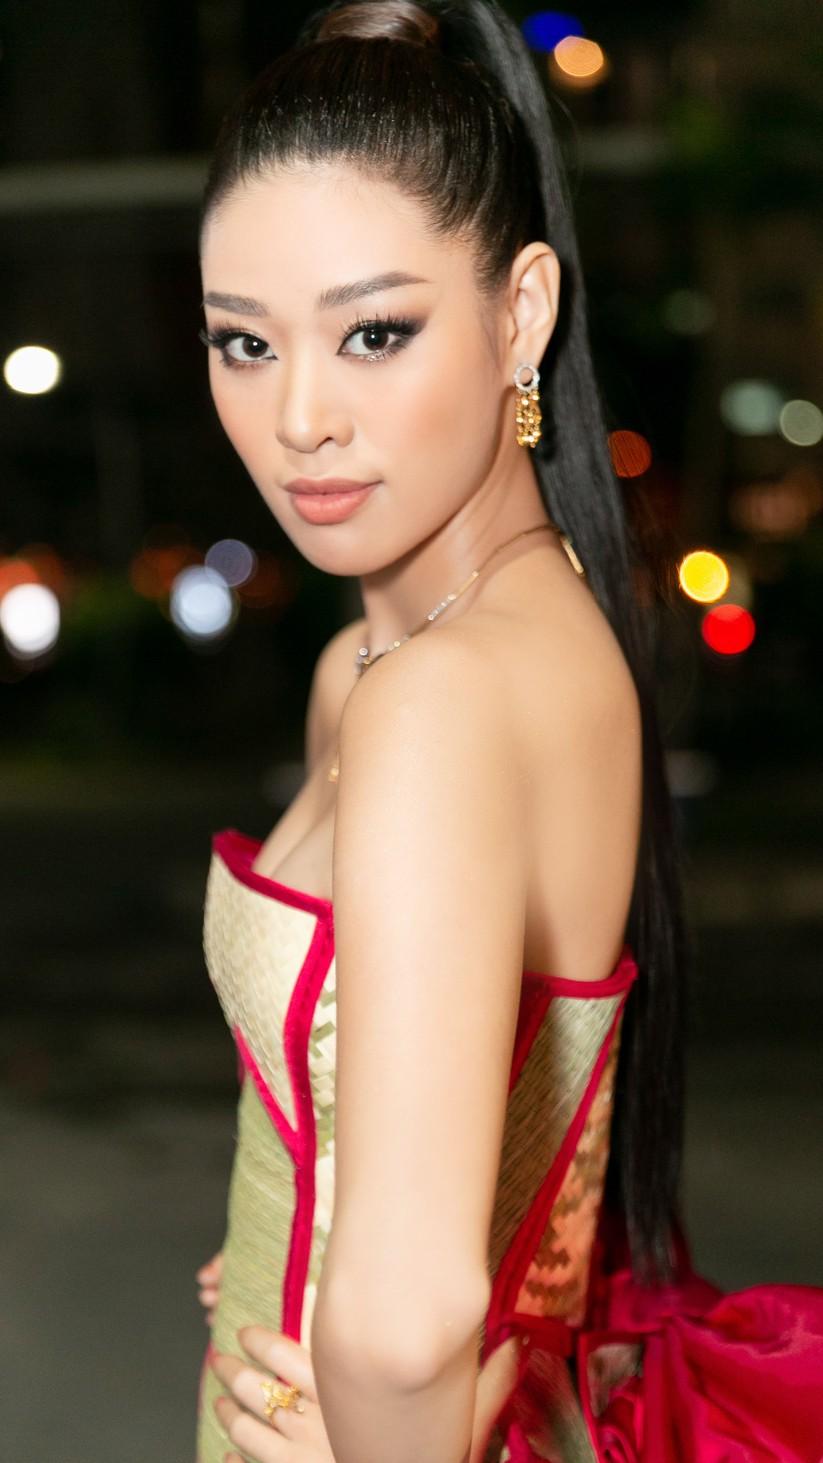 Hoa hậu Khánh Vân mặc trang phục với thông điệp bảo vệ làng nghề làm chiếu ảnh 2